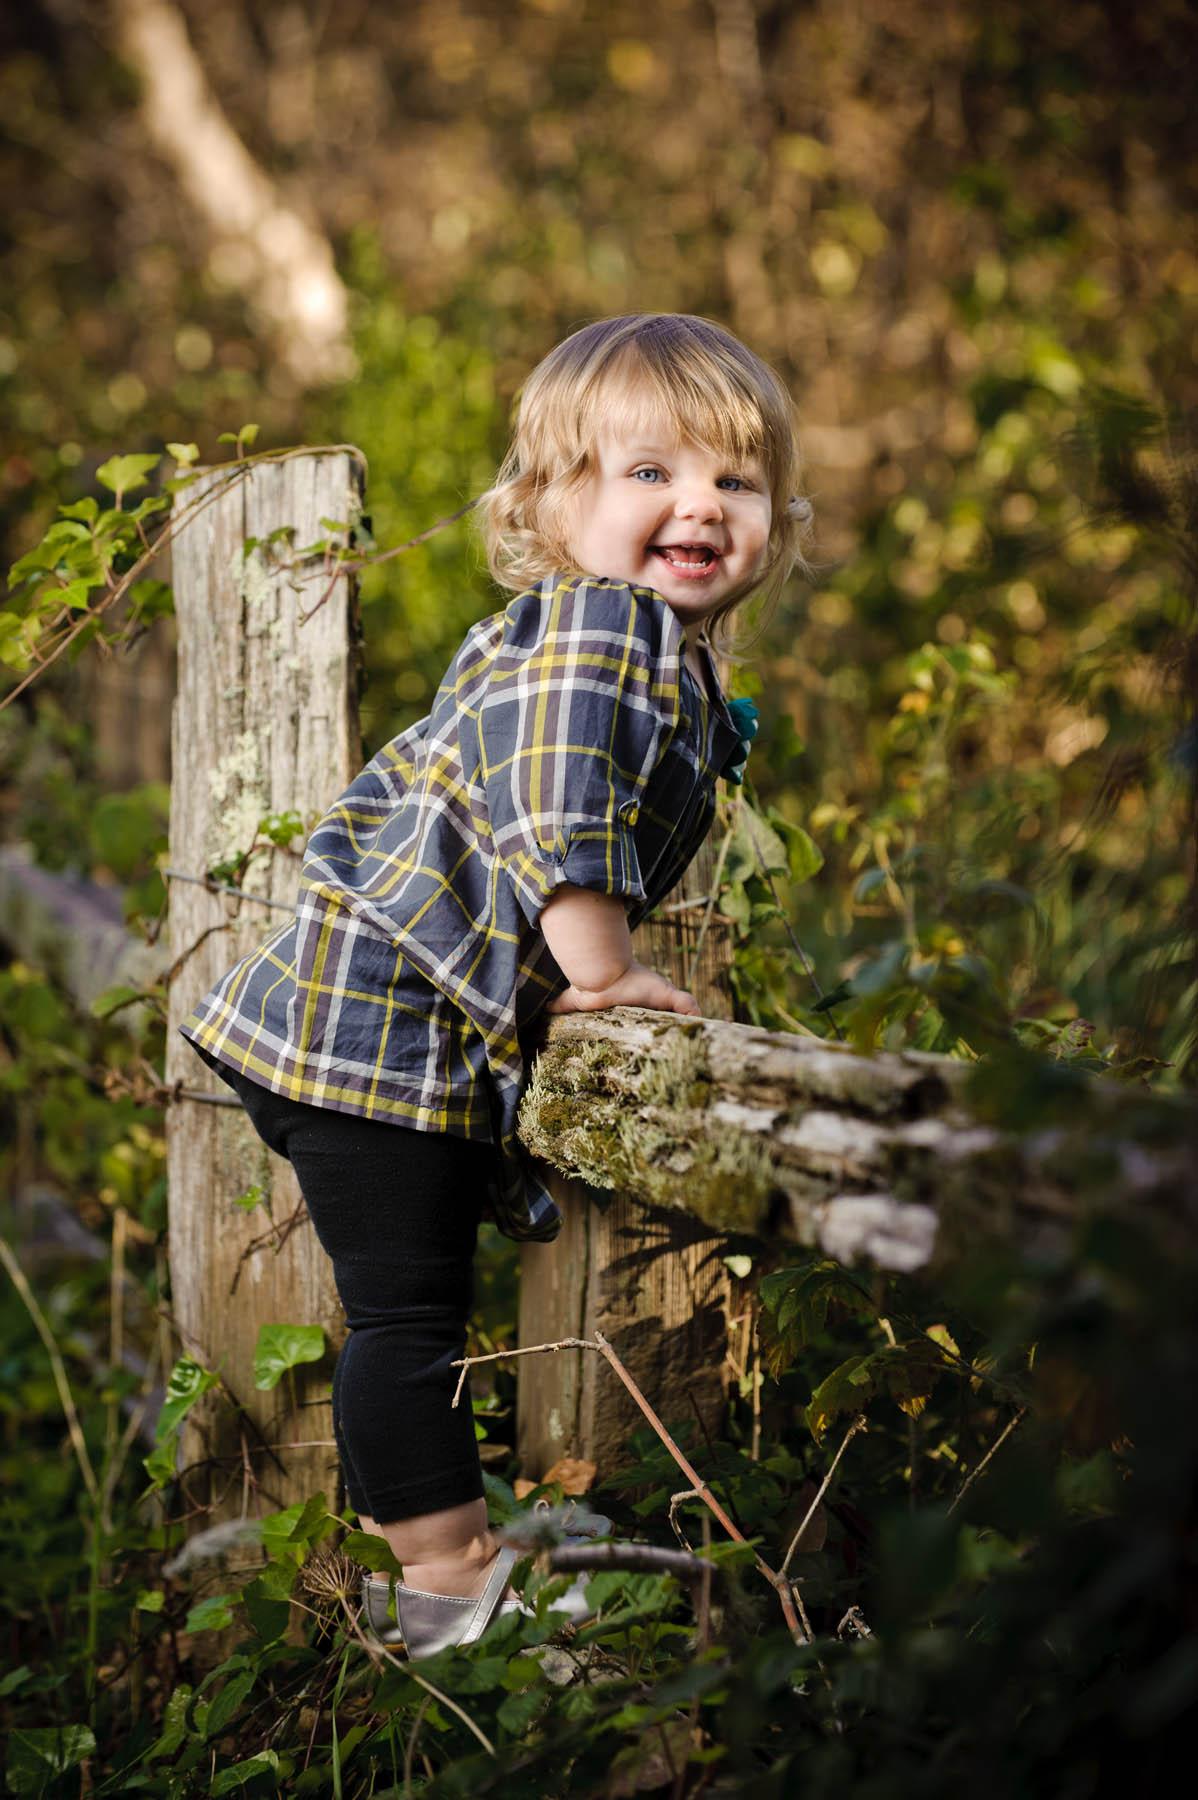 8334-d3_Marsden_Felton_Family_Photography_Henry_Cowell.jpg